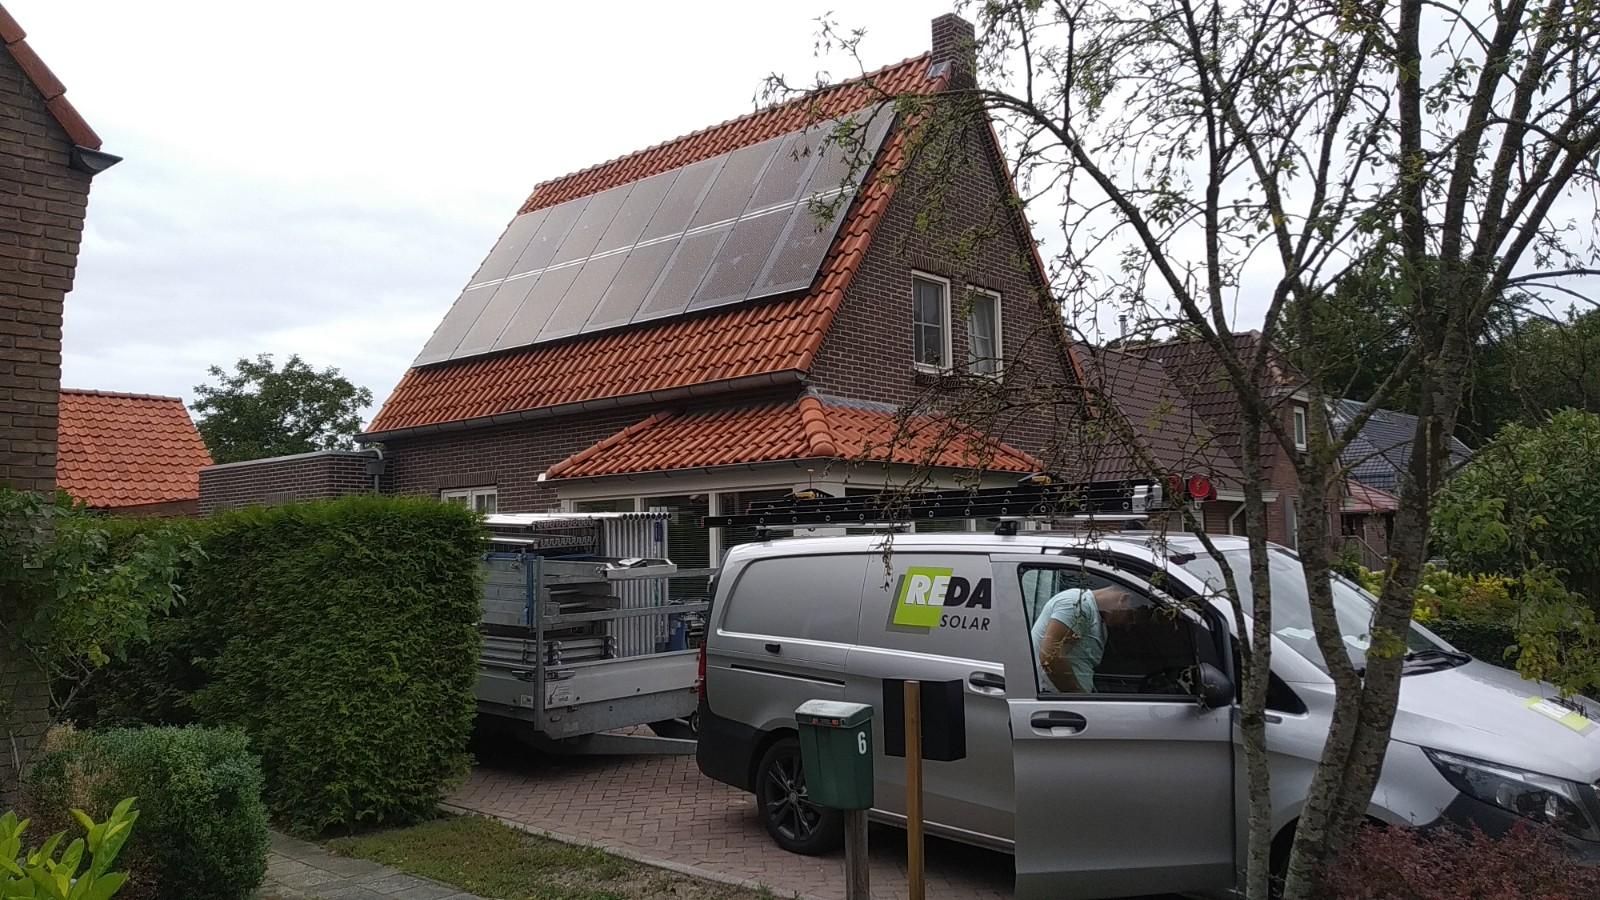 Solarwatt glas-glas zonnepanelen Ijhorst